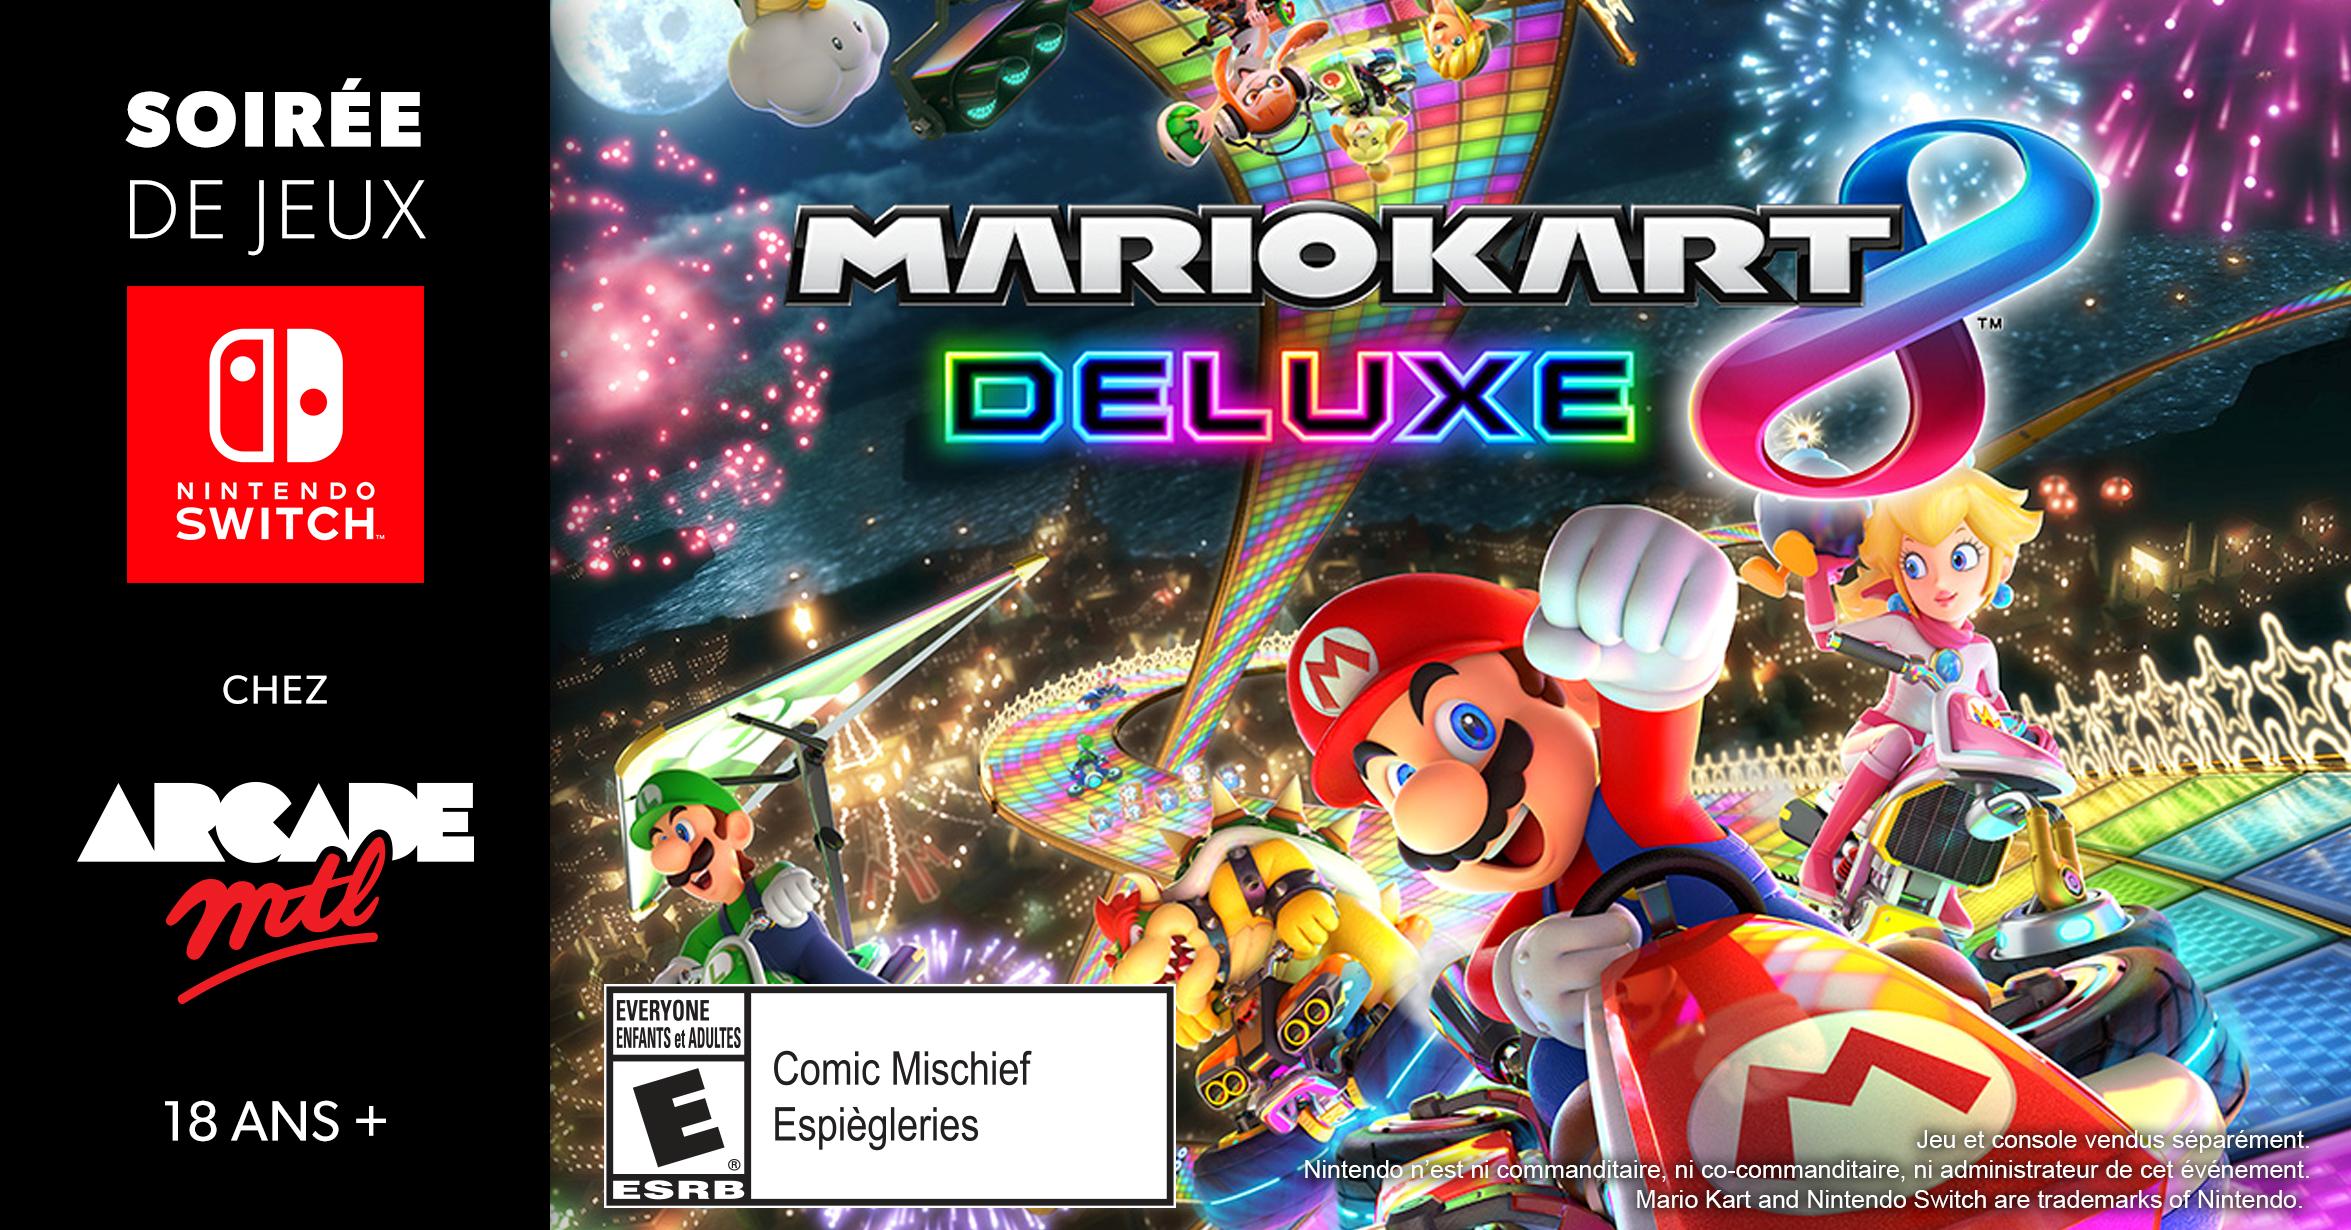 À vos volants et vos carapaces de tortues! Mario Kart 8 Deluxe sera la jeu en vedette du tournoi du 17 août